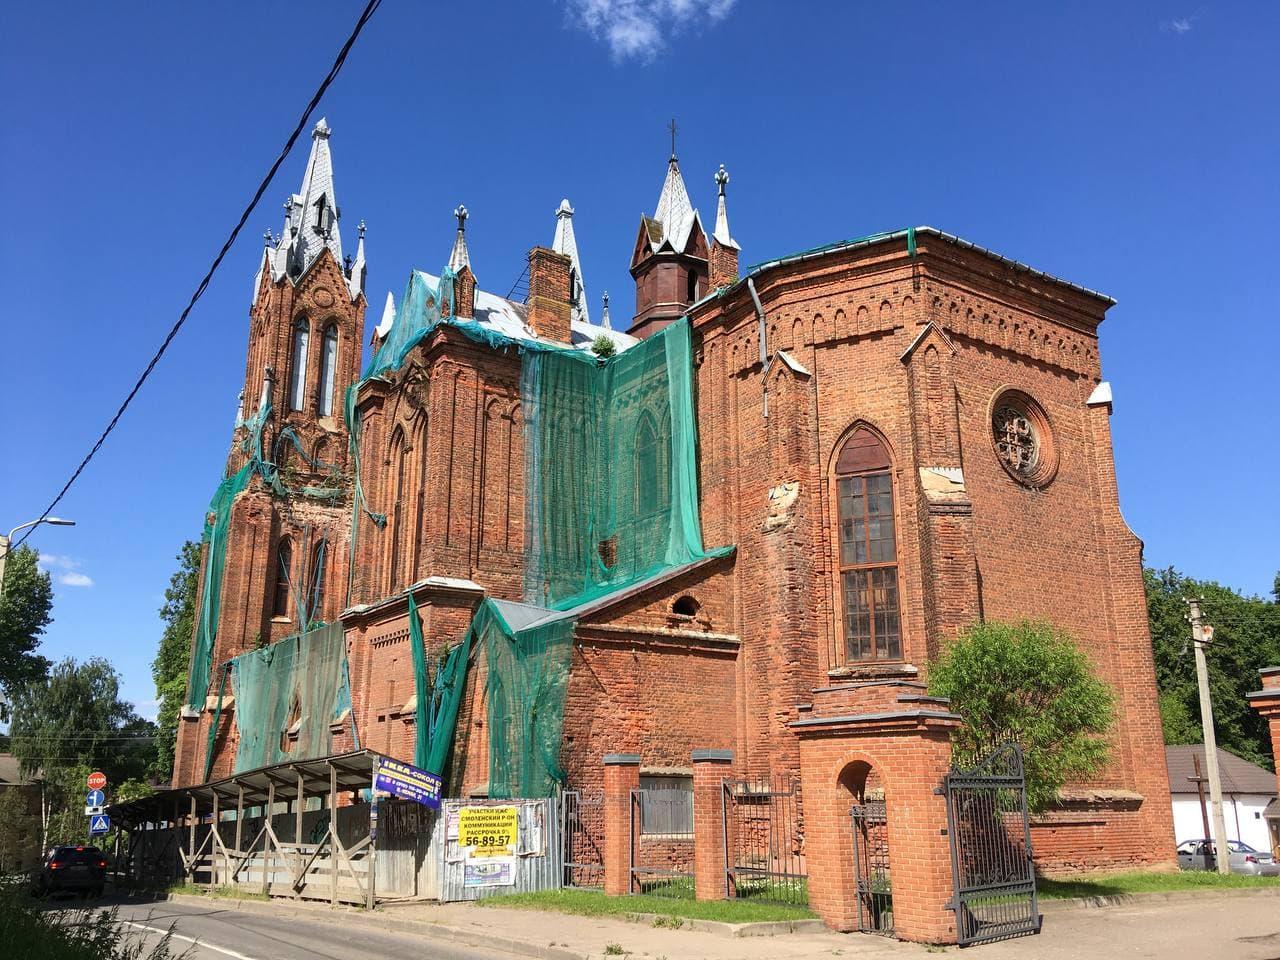 Католический храм в Смоленске: история борьбы за право на молитву